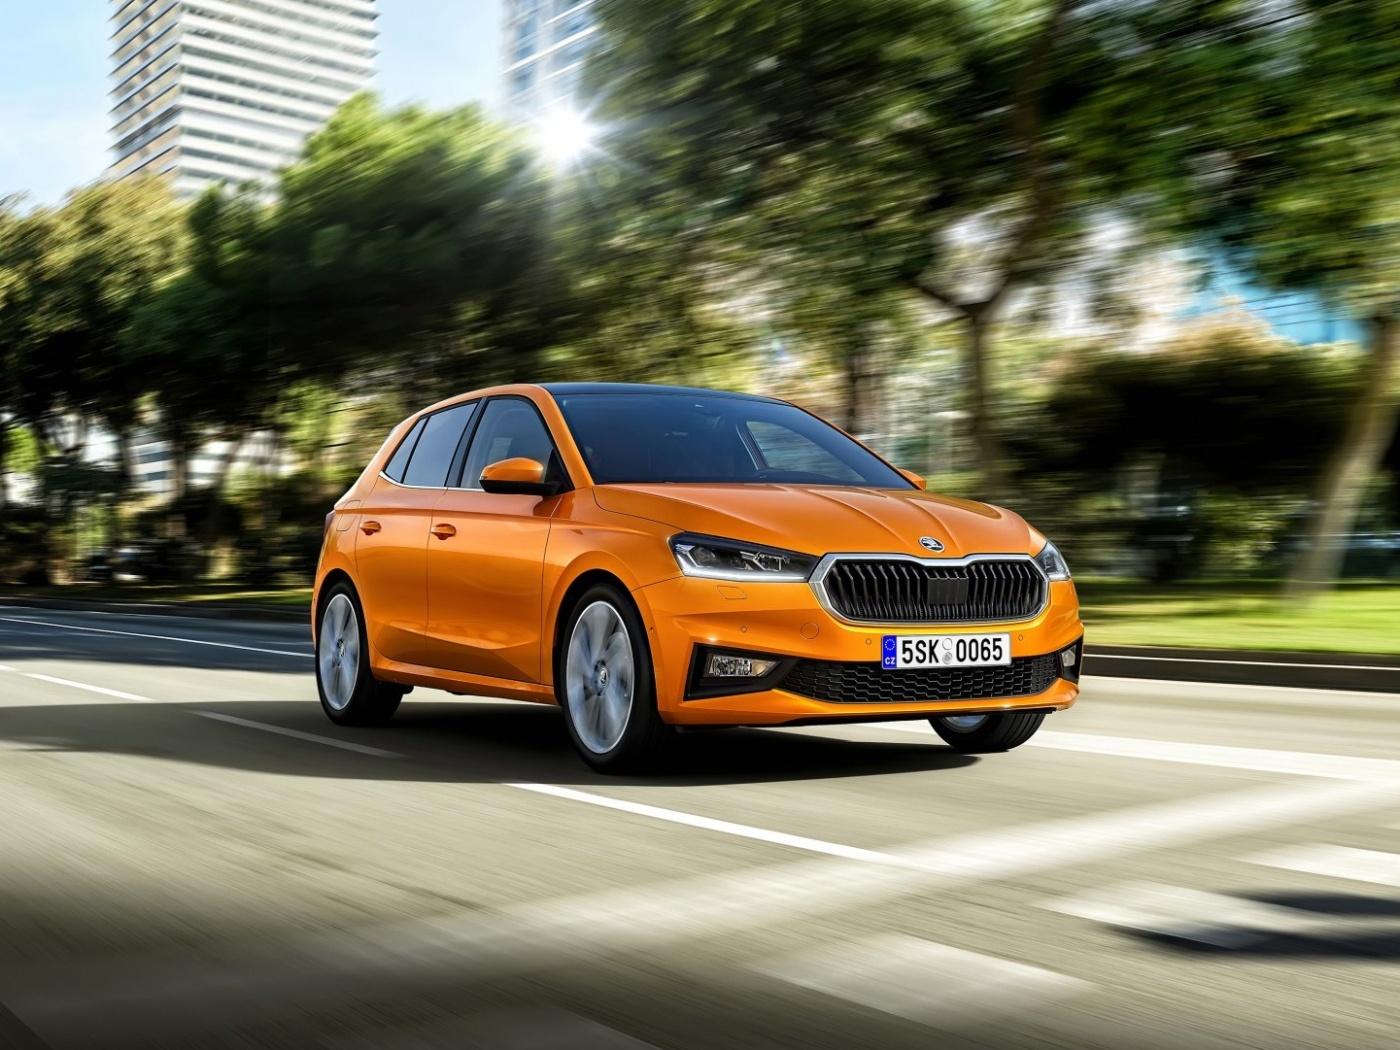 Nová Škoda Fabia dnes oficiálně vstupuje na český trh, v předprodeji si ji objednalo přes 4700 zákazníků